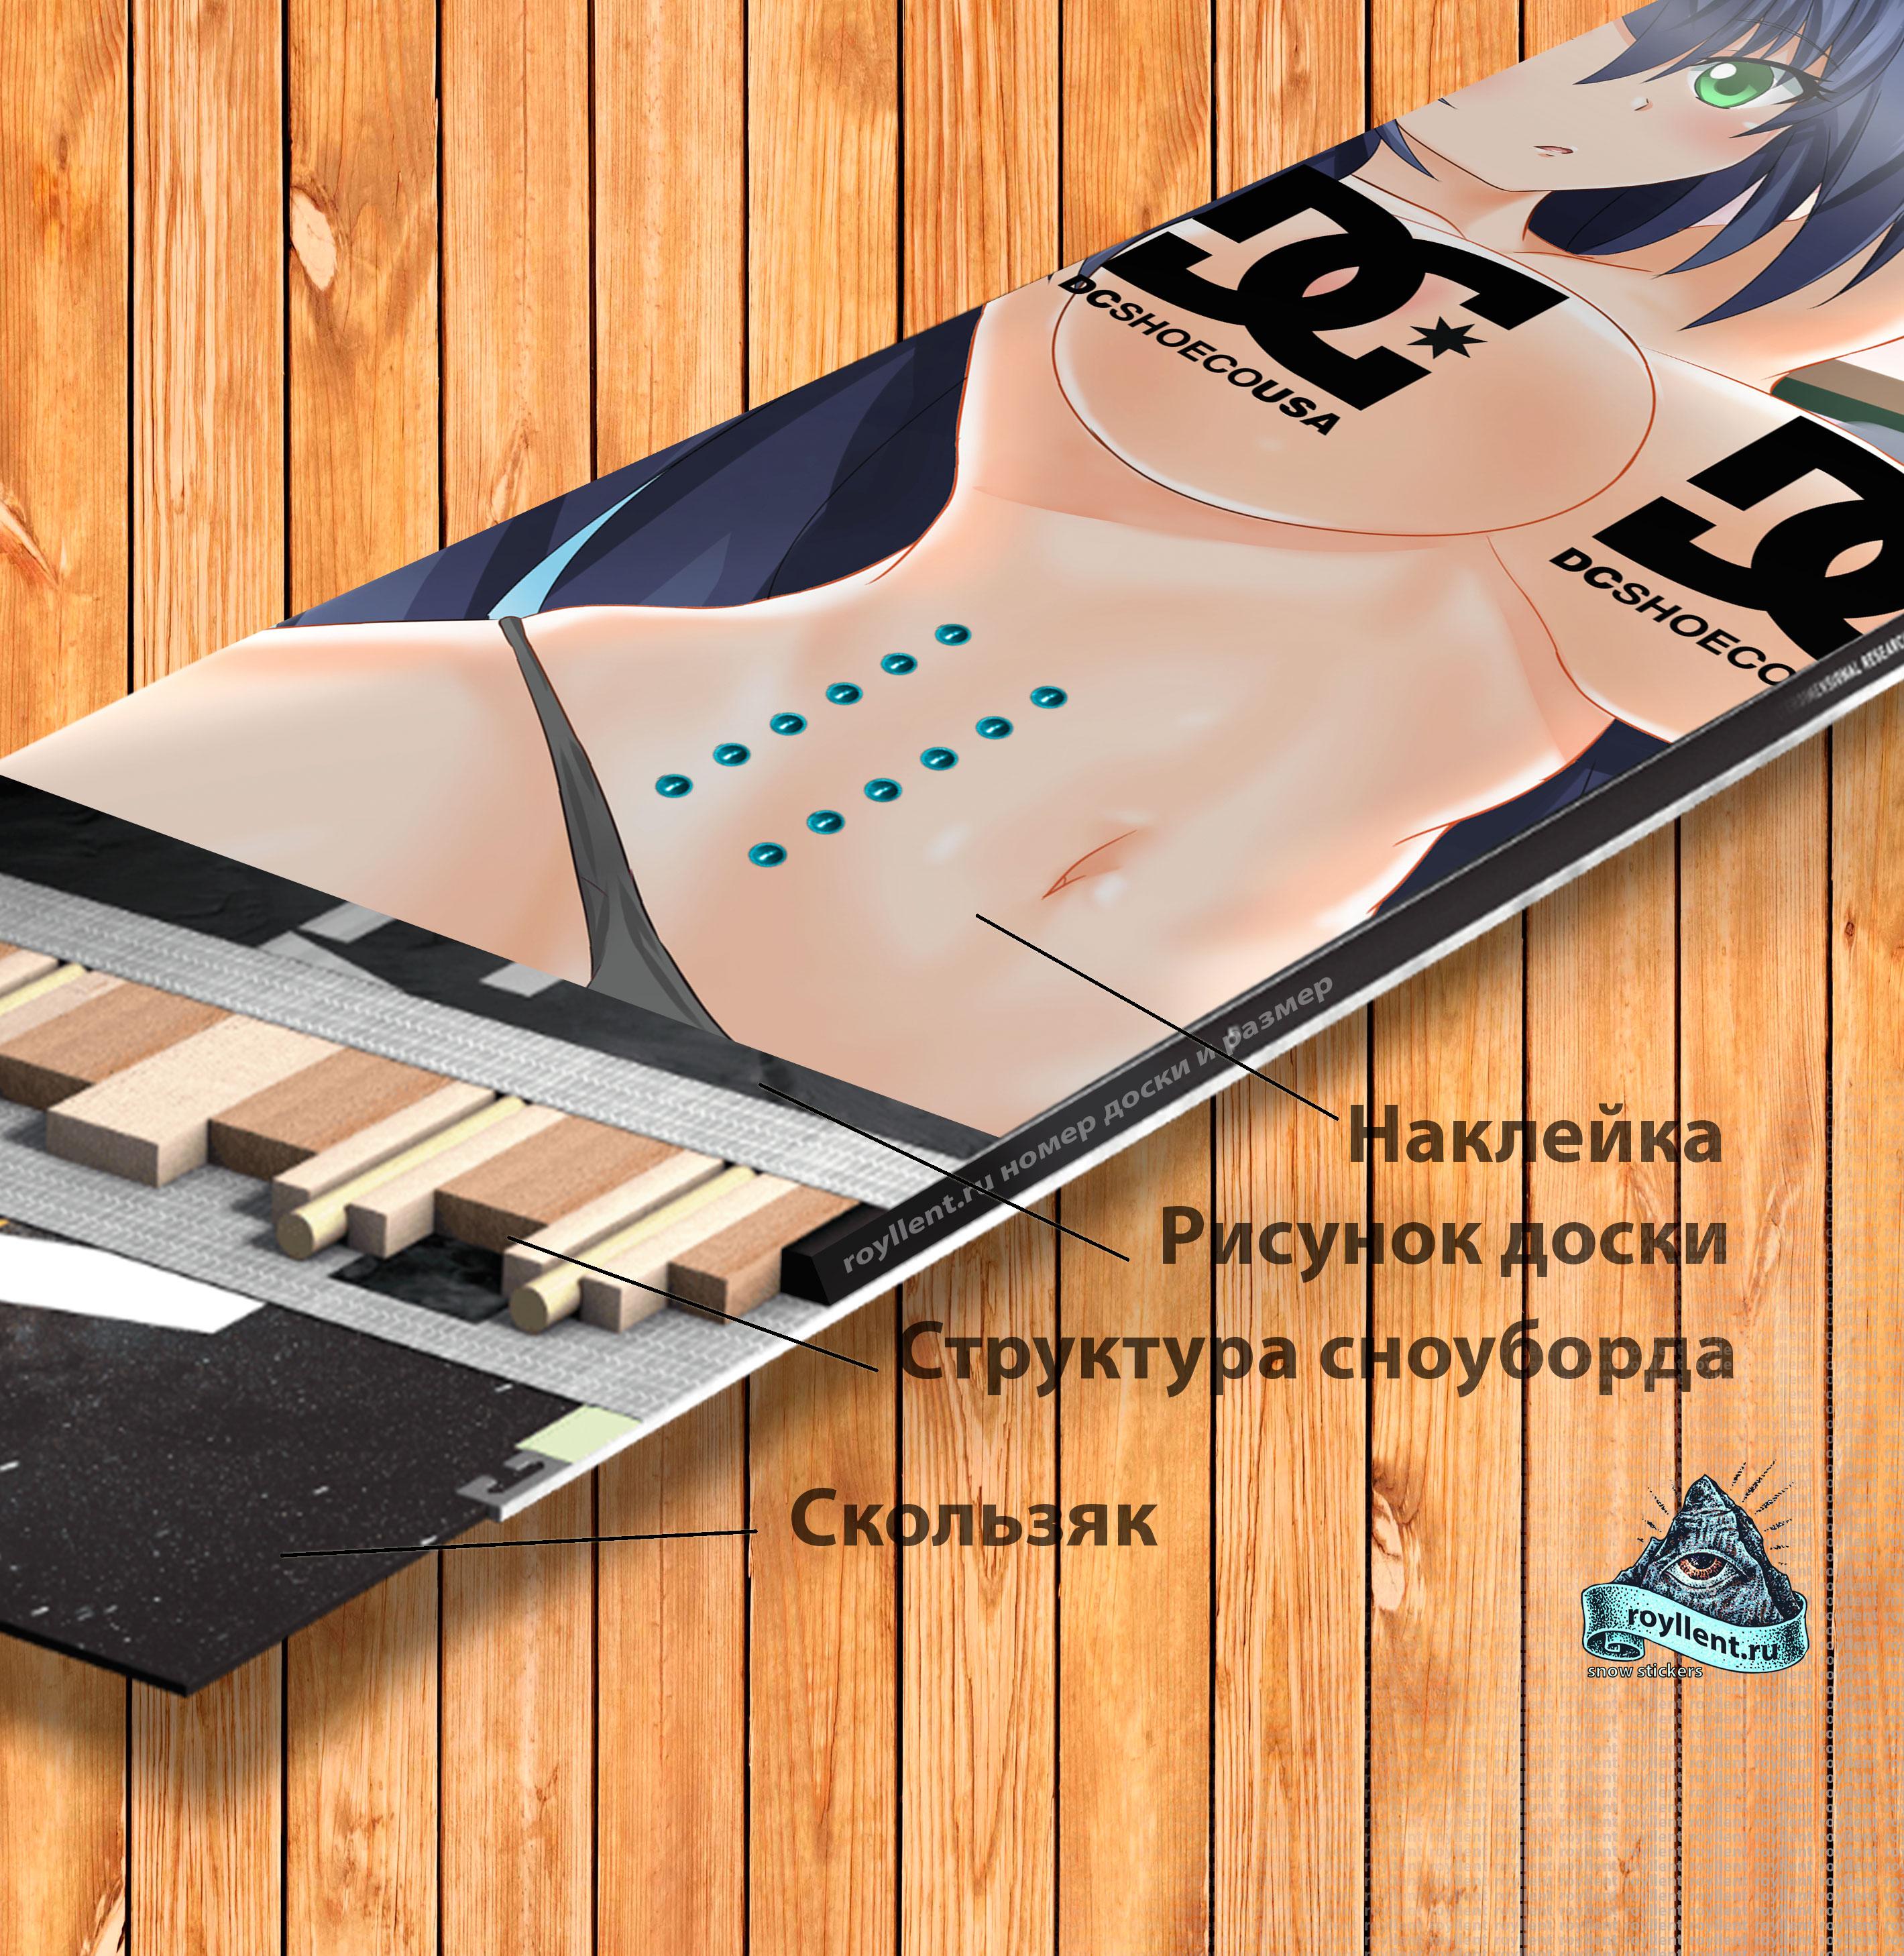 Обнаженные девушки наклейка на сноуборд